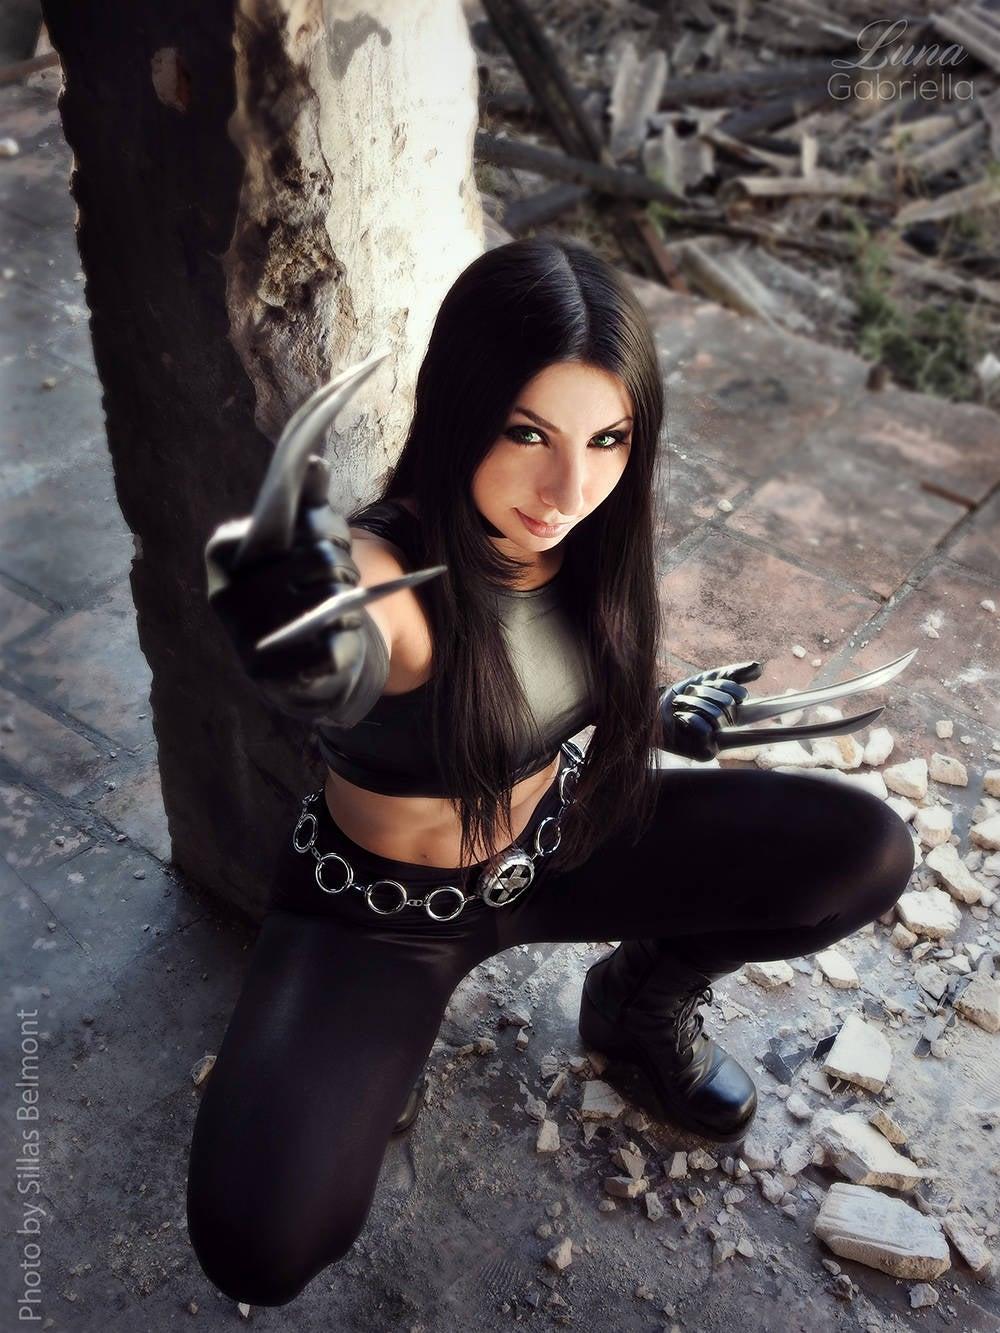 X-23-Fan-Cosplay-Friday-Luna-Gabriela-Sillas-Belmont04